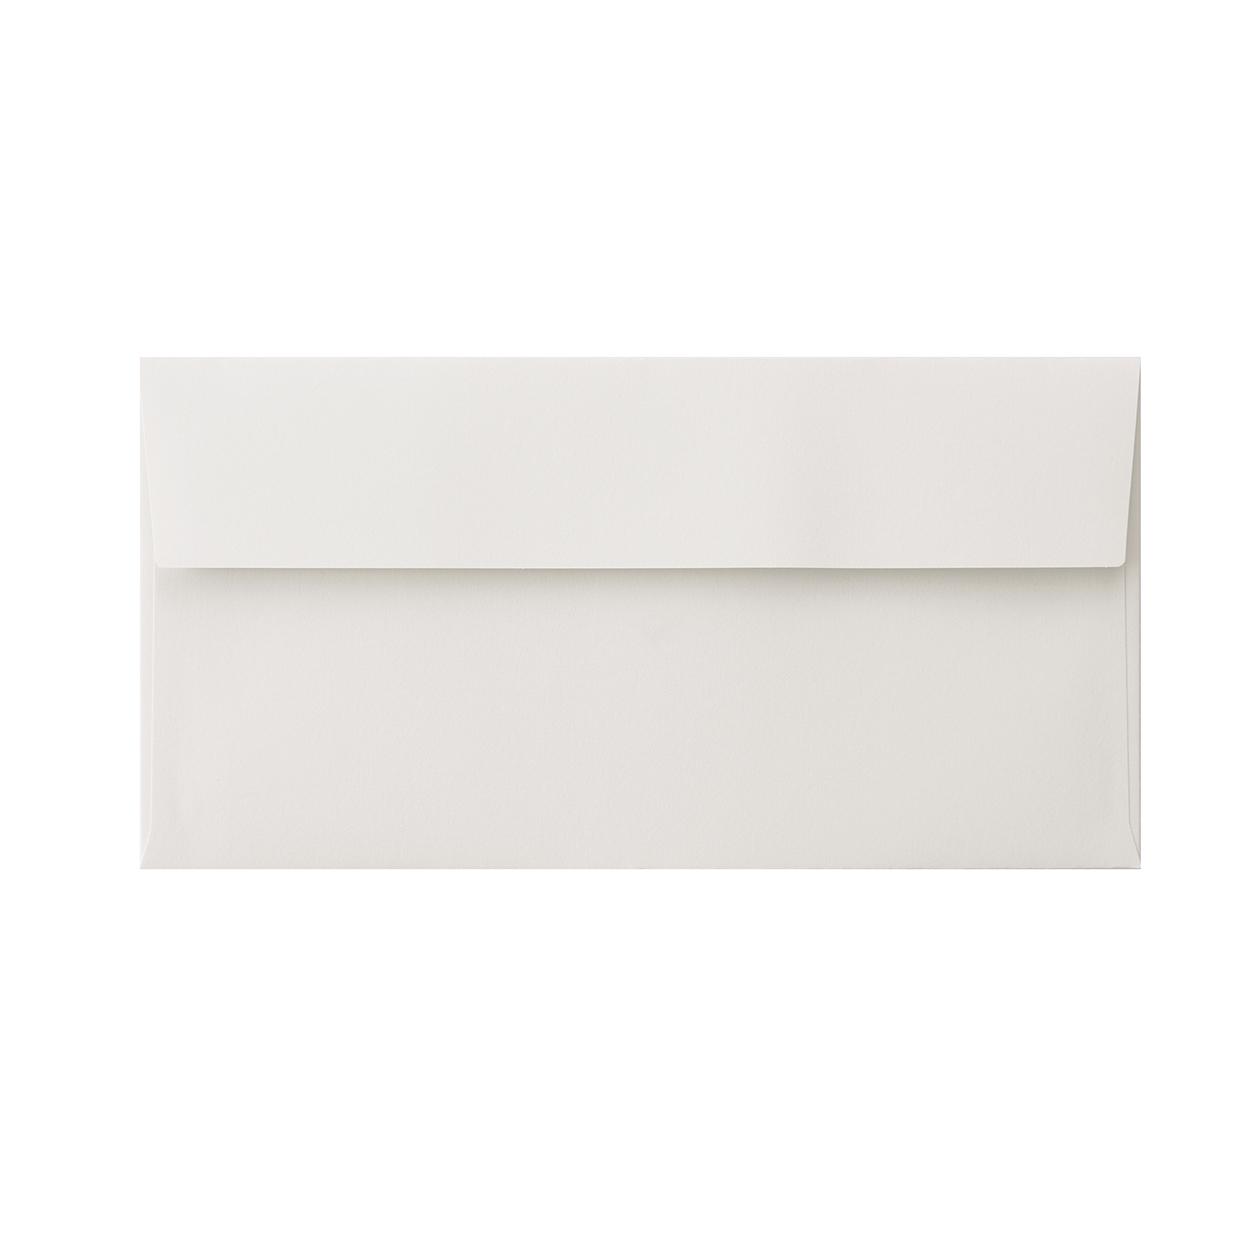 長3カマス封筒 コットン ライトグレイ 116.3g